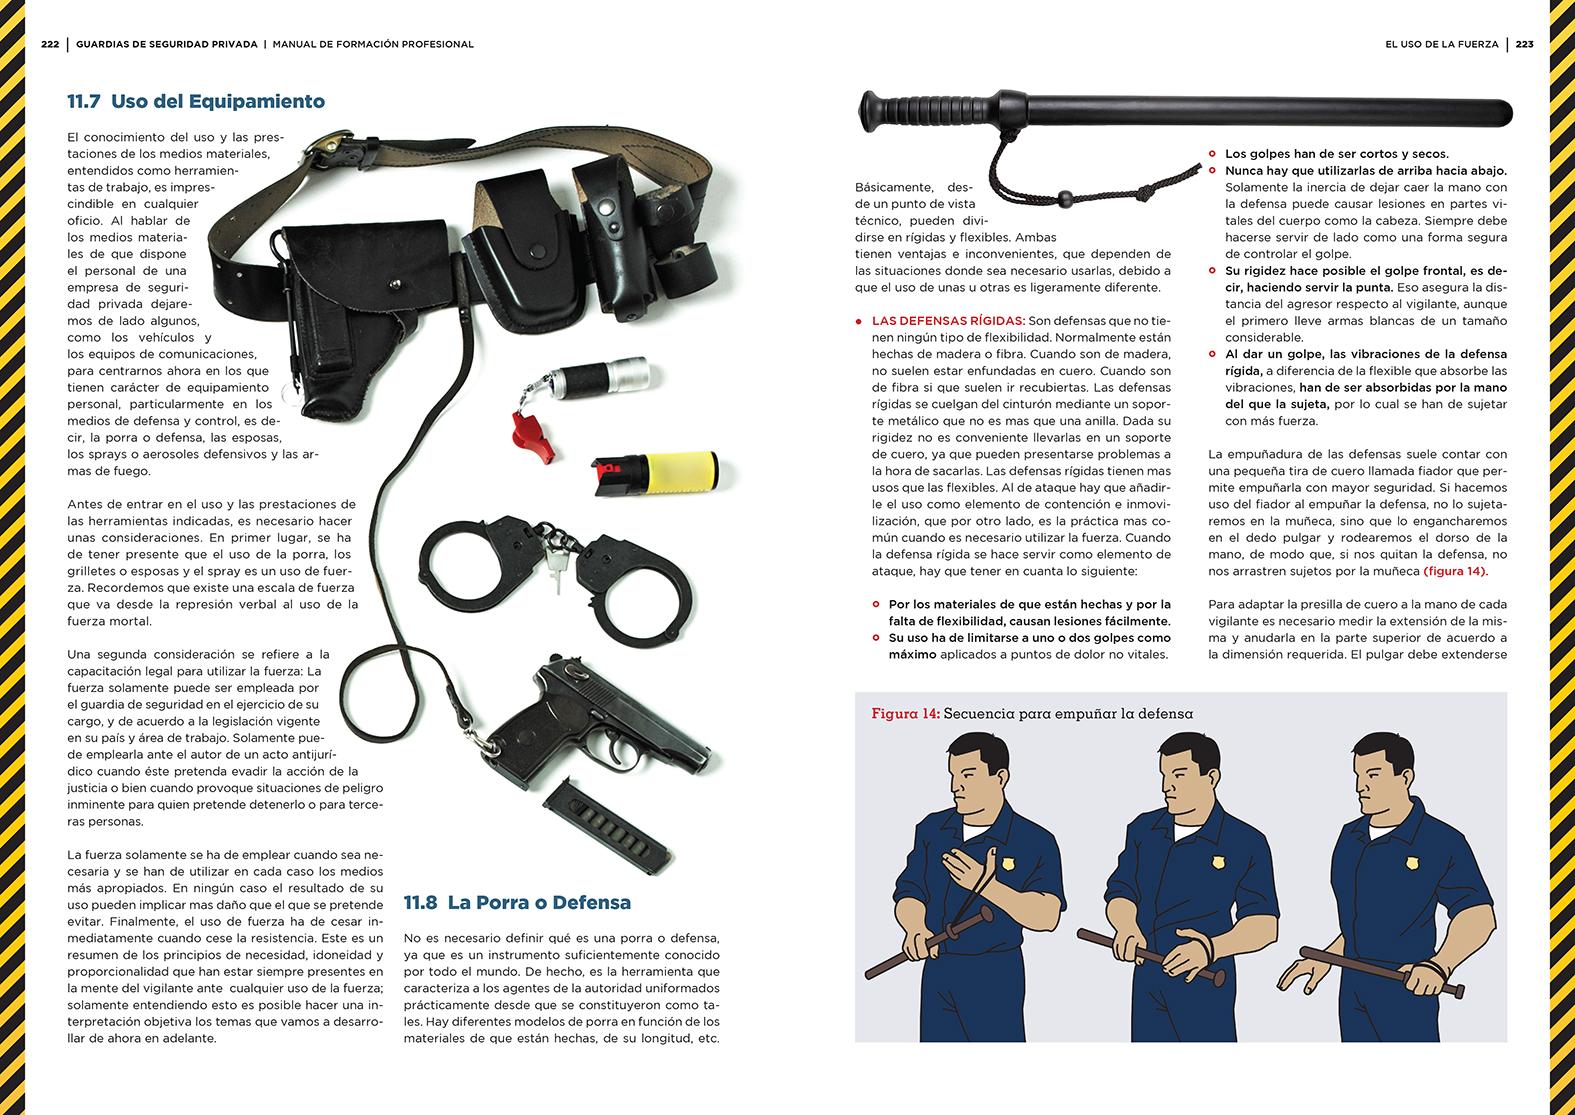 Guardias_SEGURIDAD_3.jpg